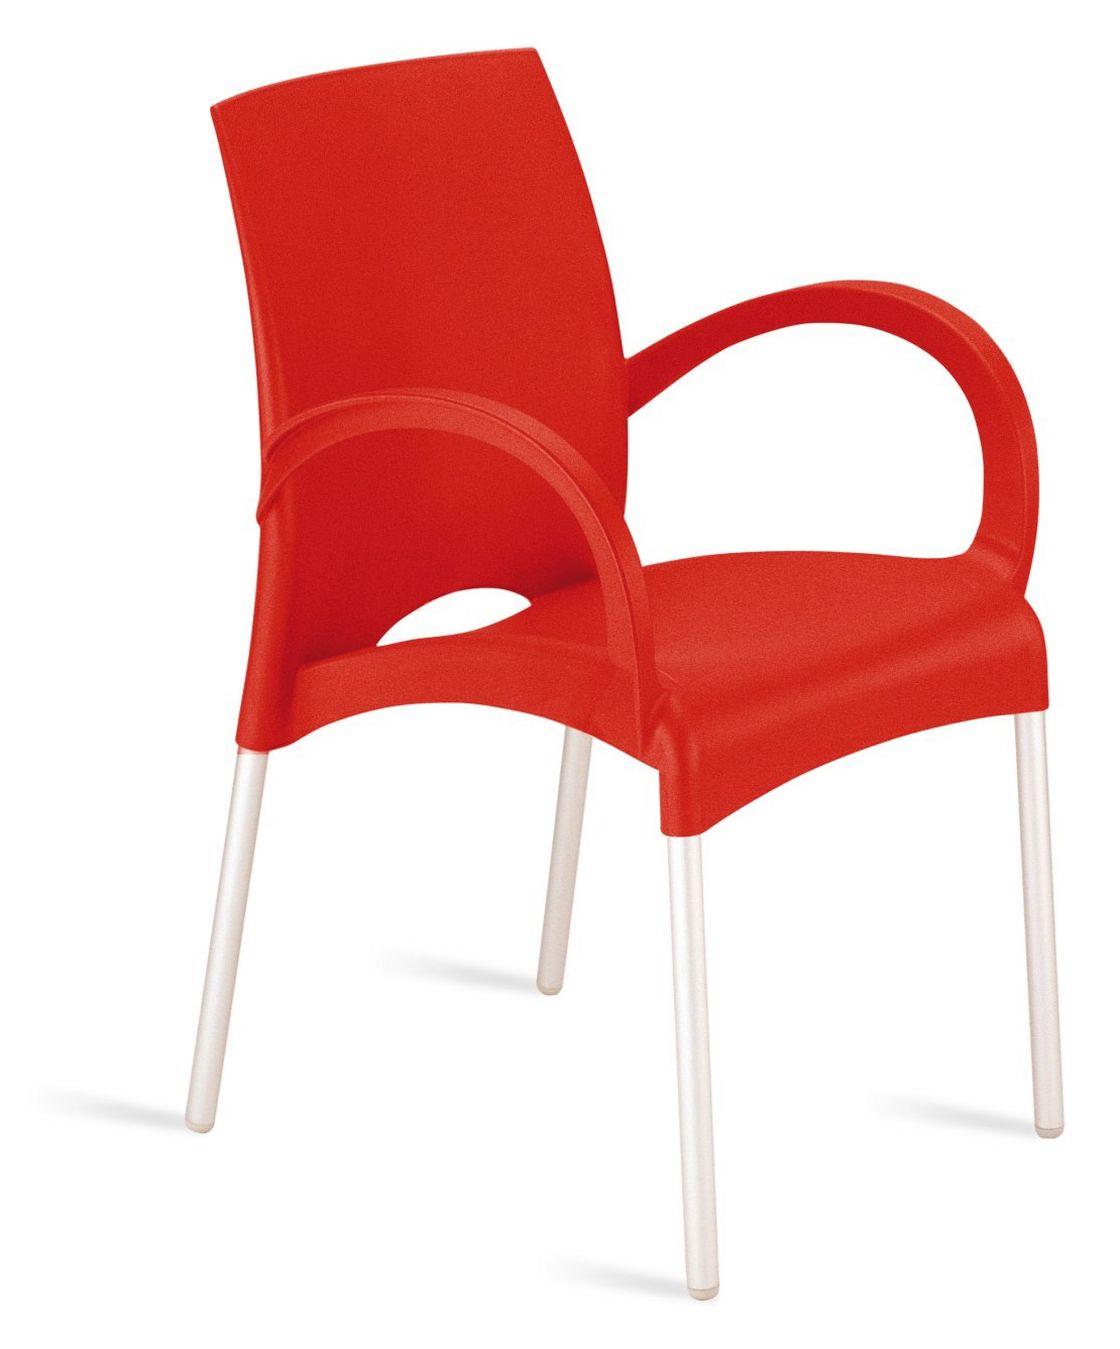 roter Stuhl mit Armlehnen